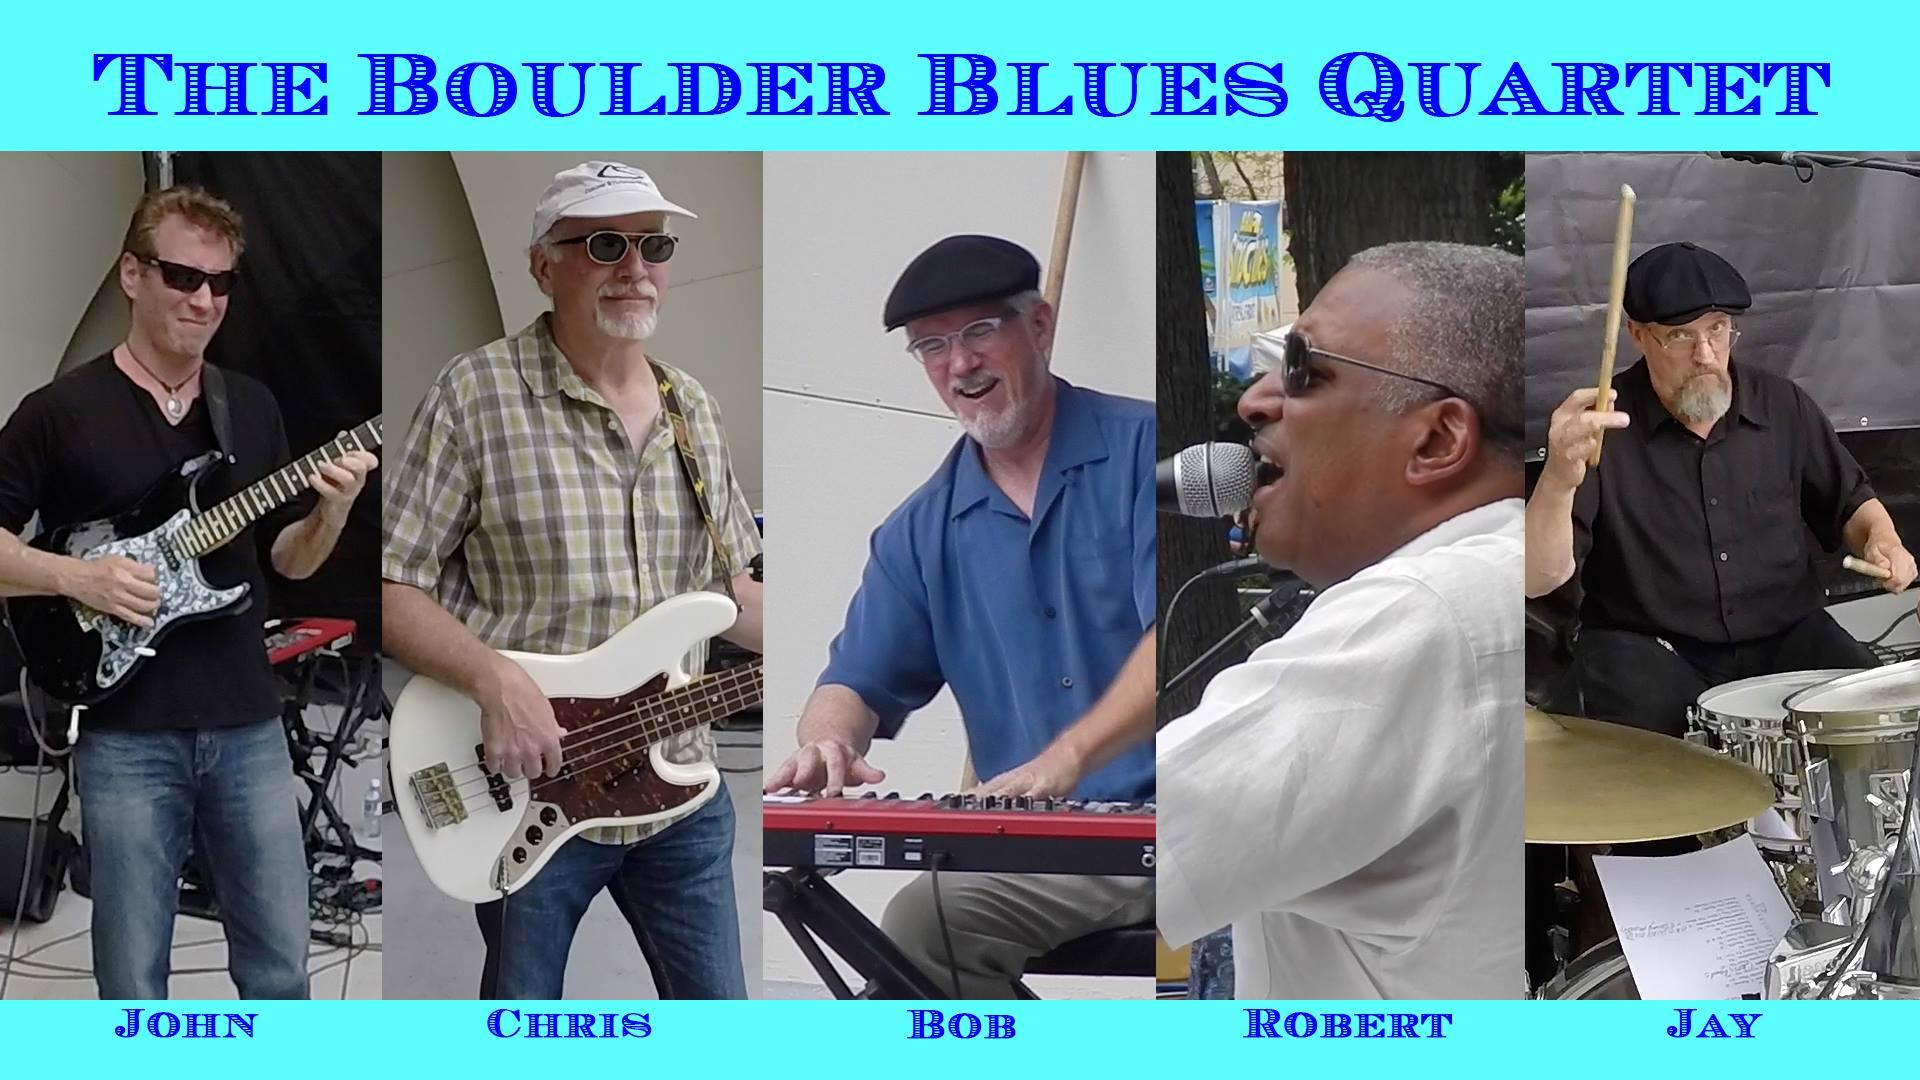 The Boulder Blues Quartet